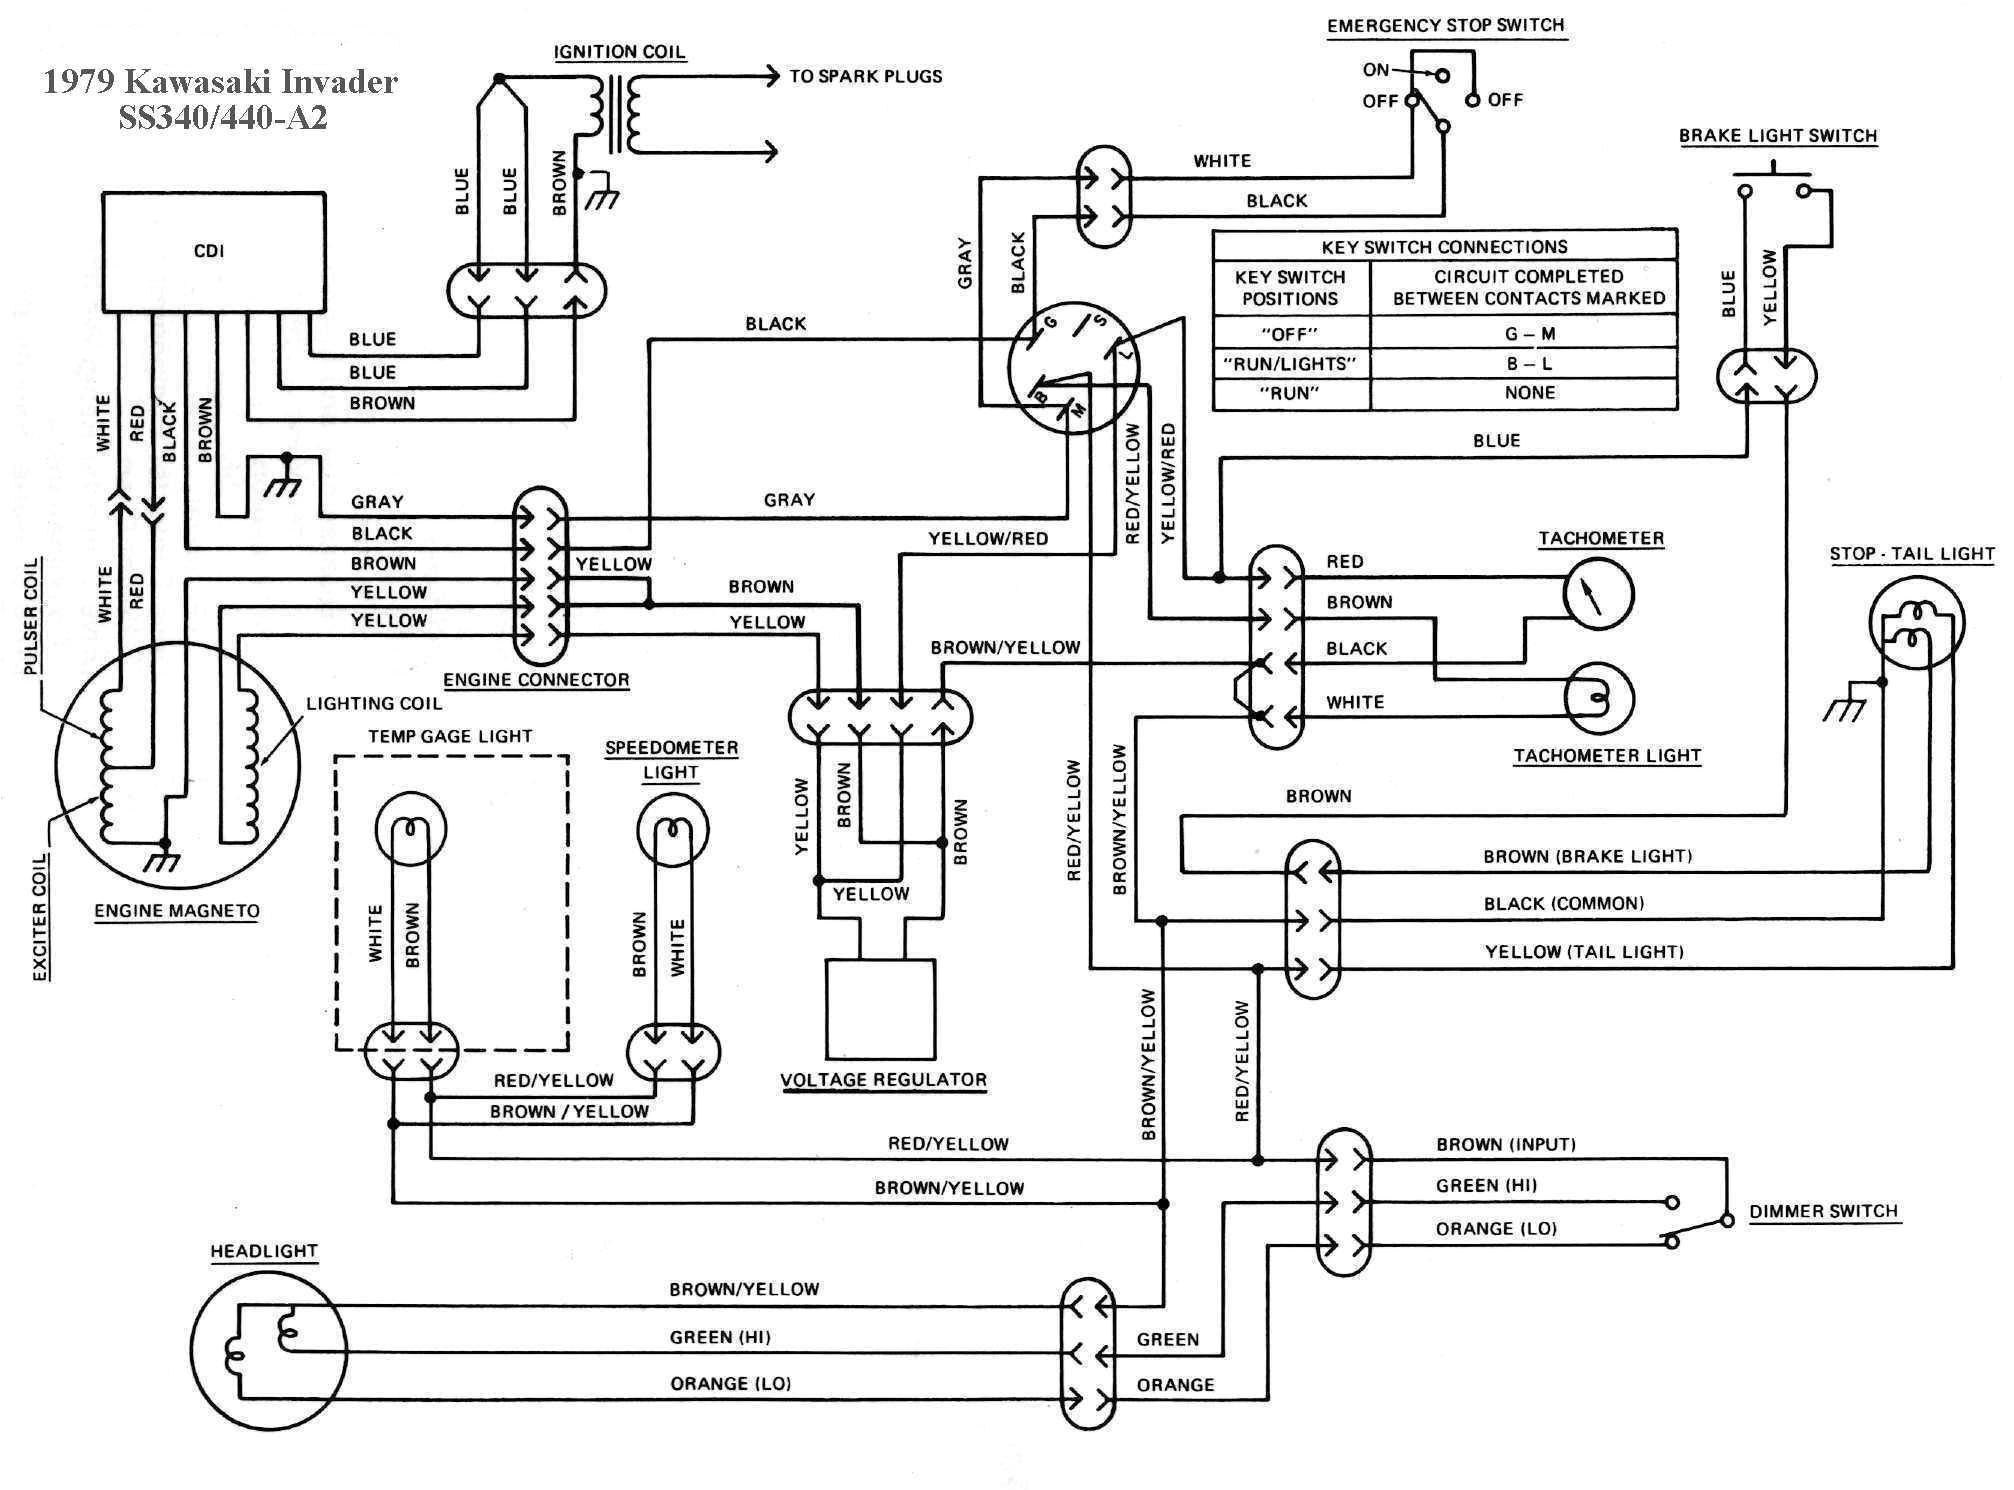 Kawasaki 220 Bayou Wiring Diagram Wiring Diagram Kawasaki Bayou 300 Wiring Diagram